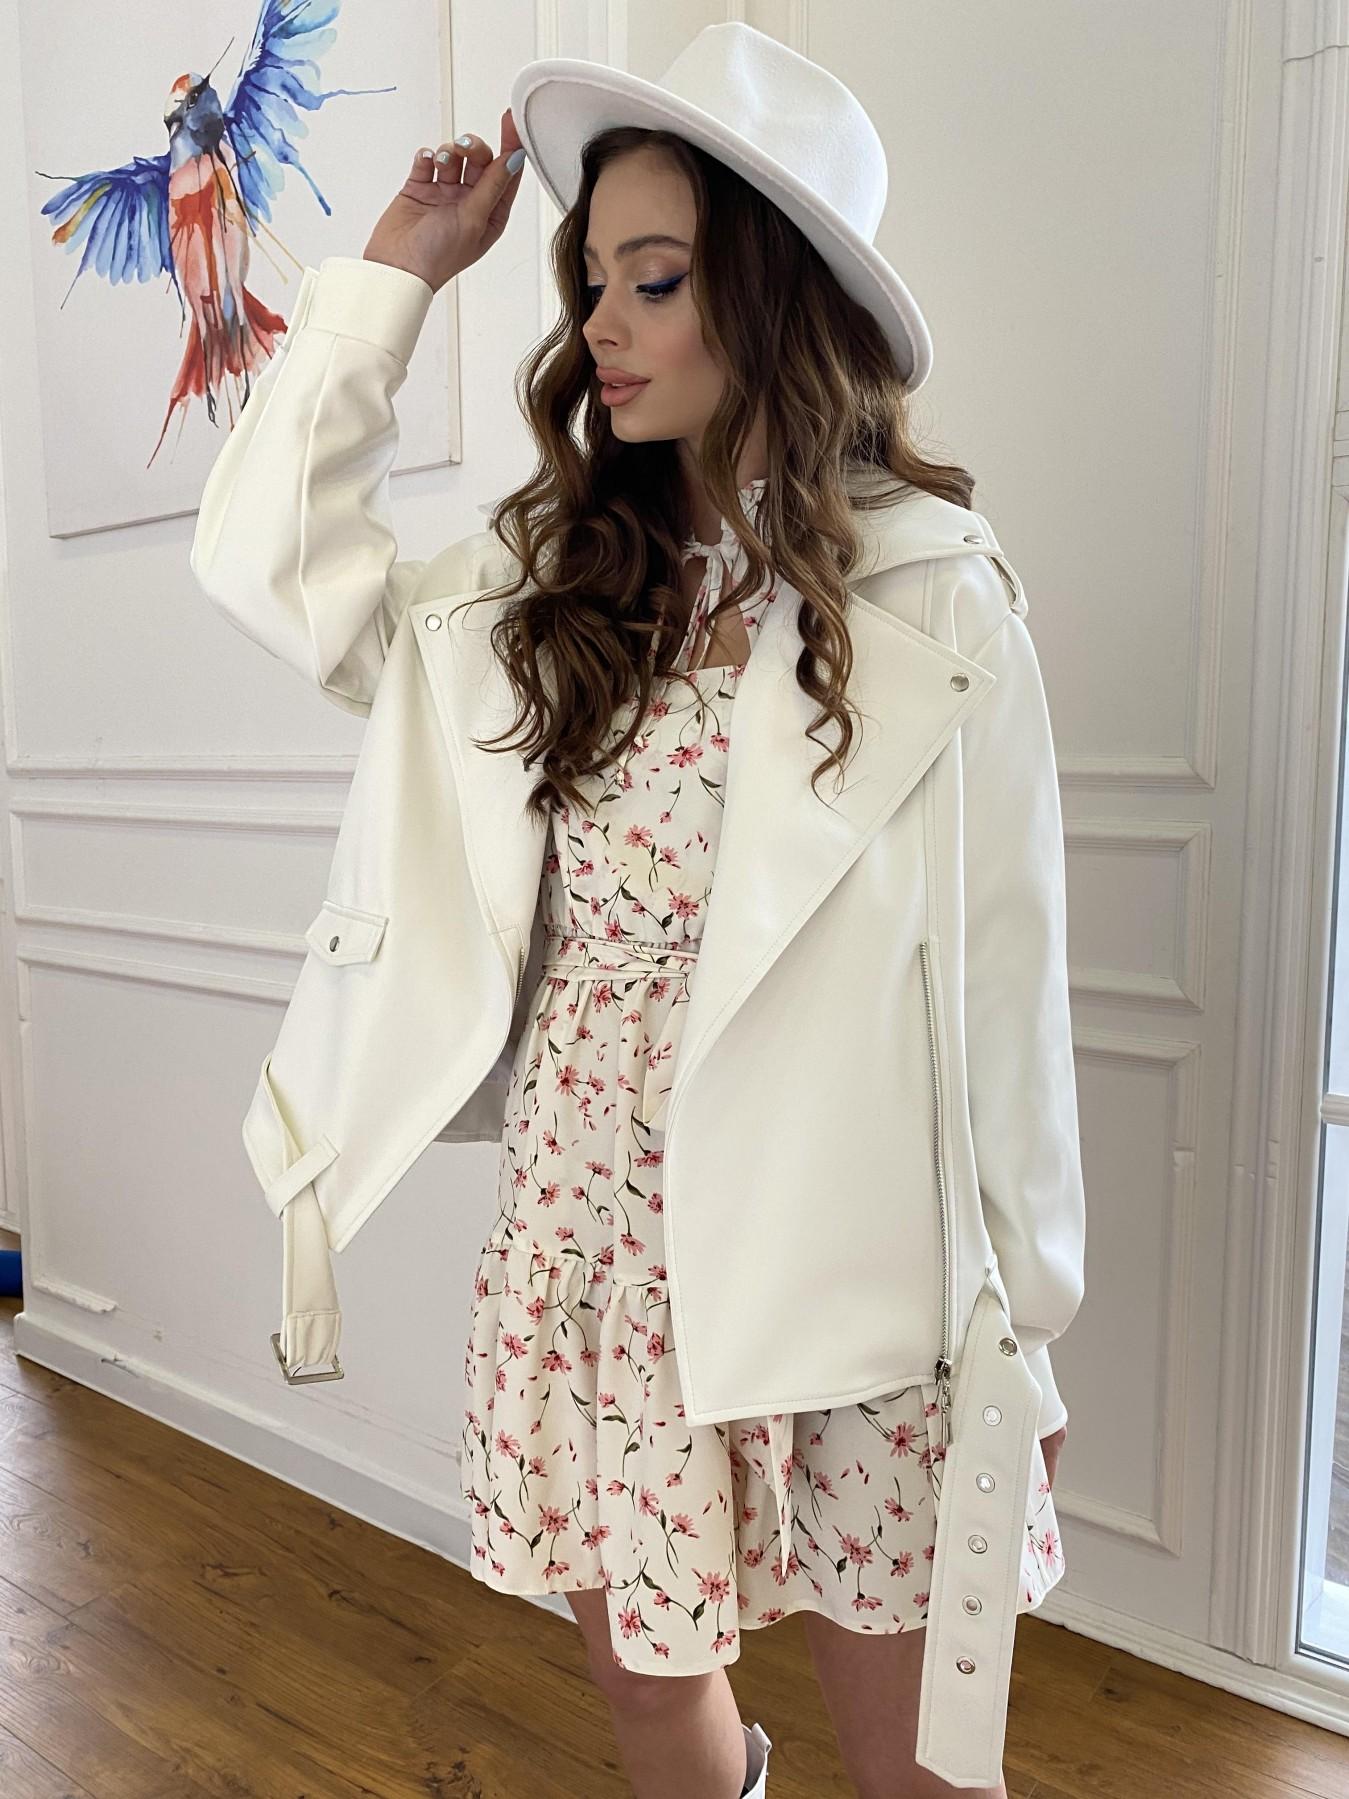 Фора куртка из экокожи прокатанная 11204 АРТ. 47716 Цвет: Молоко - фото 8, интернет магазин tm-modus.ru